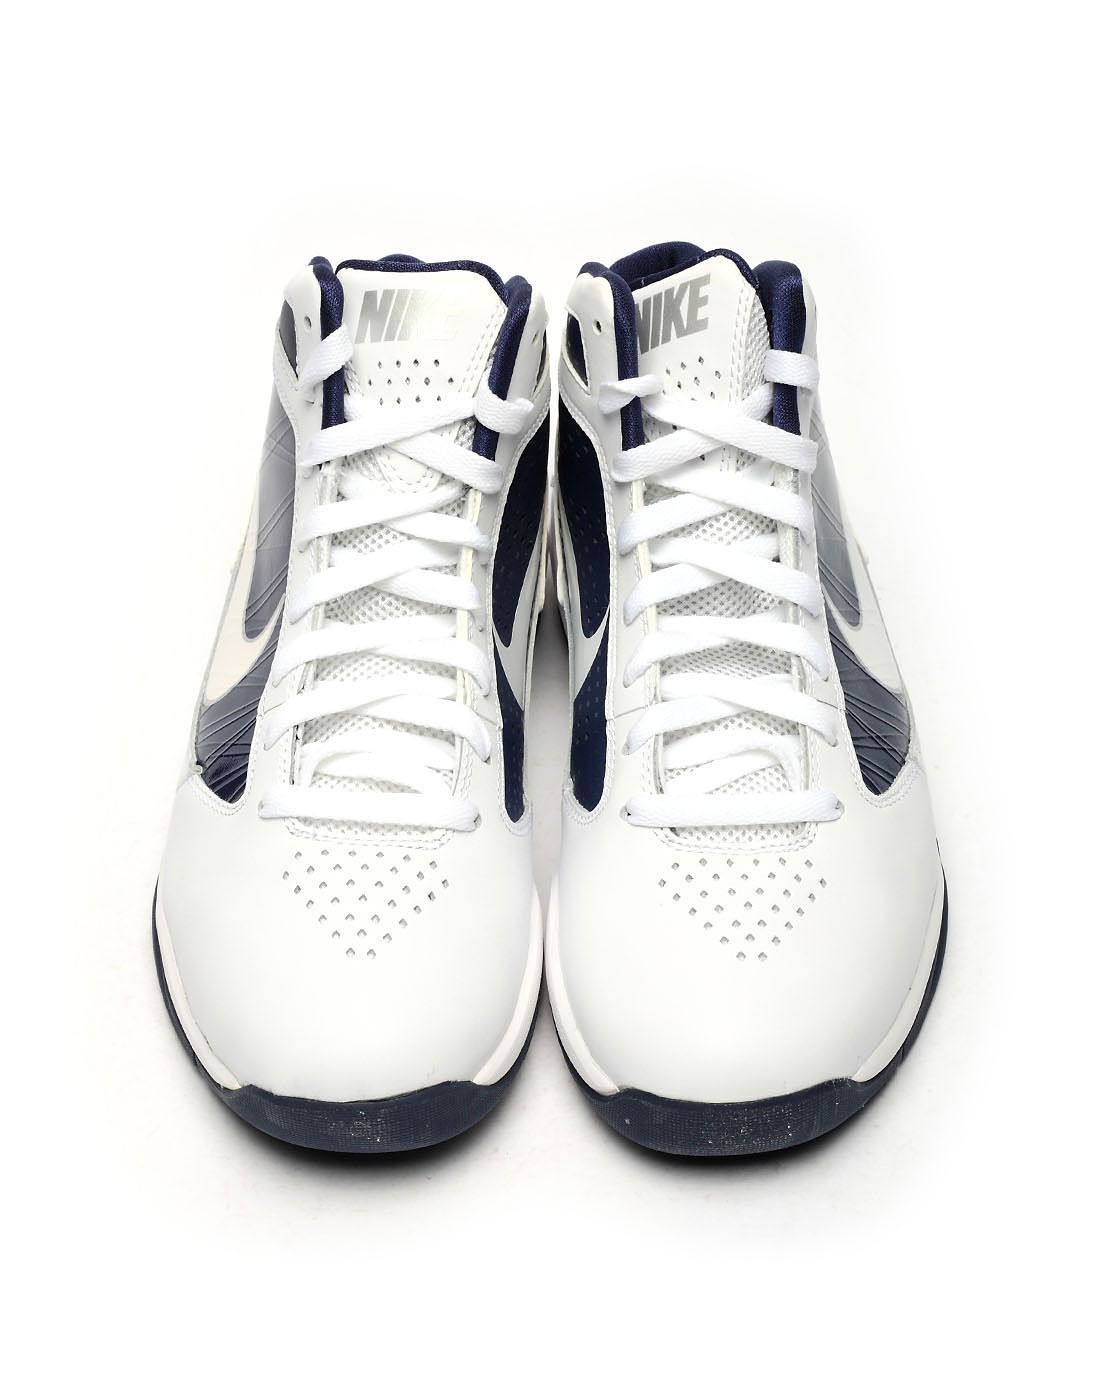 耐克nike-男子篮球系列白色篮球鞋454140-104